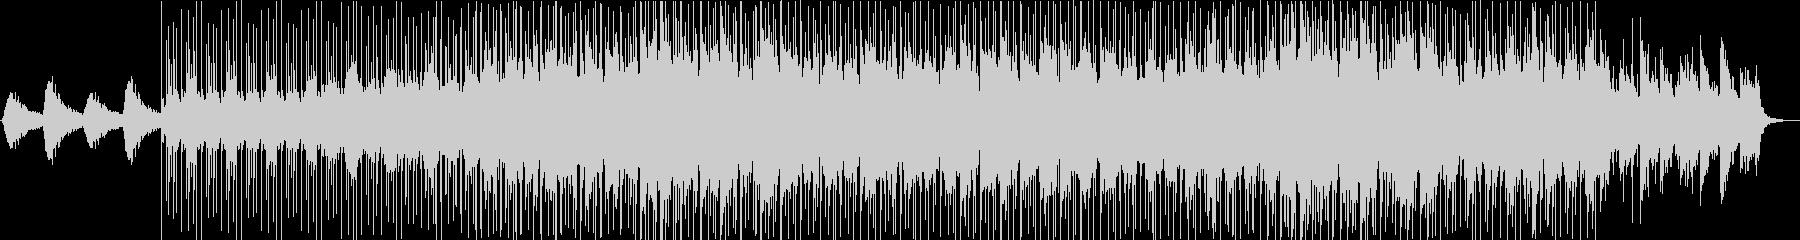 ダークなアンビエントの未再生の波形